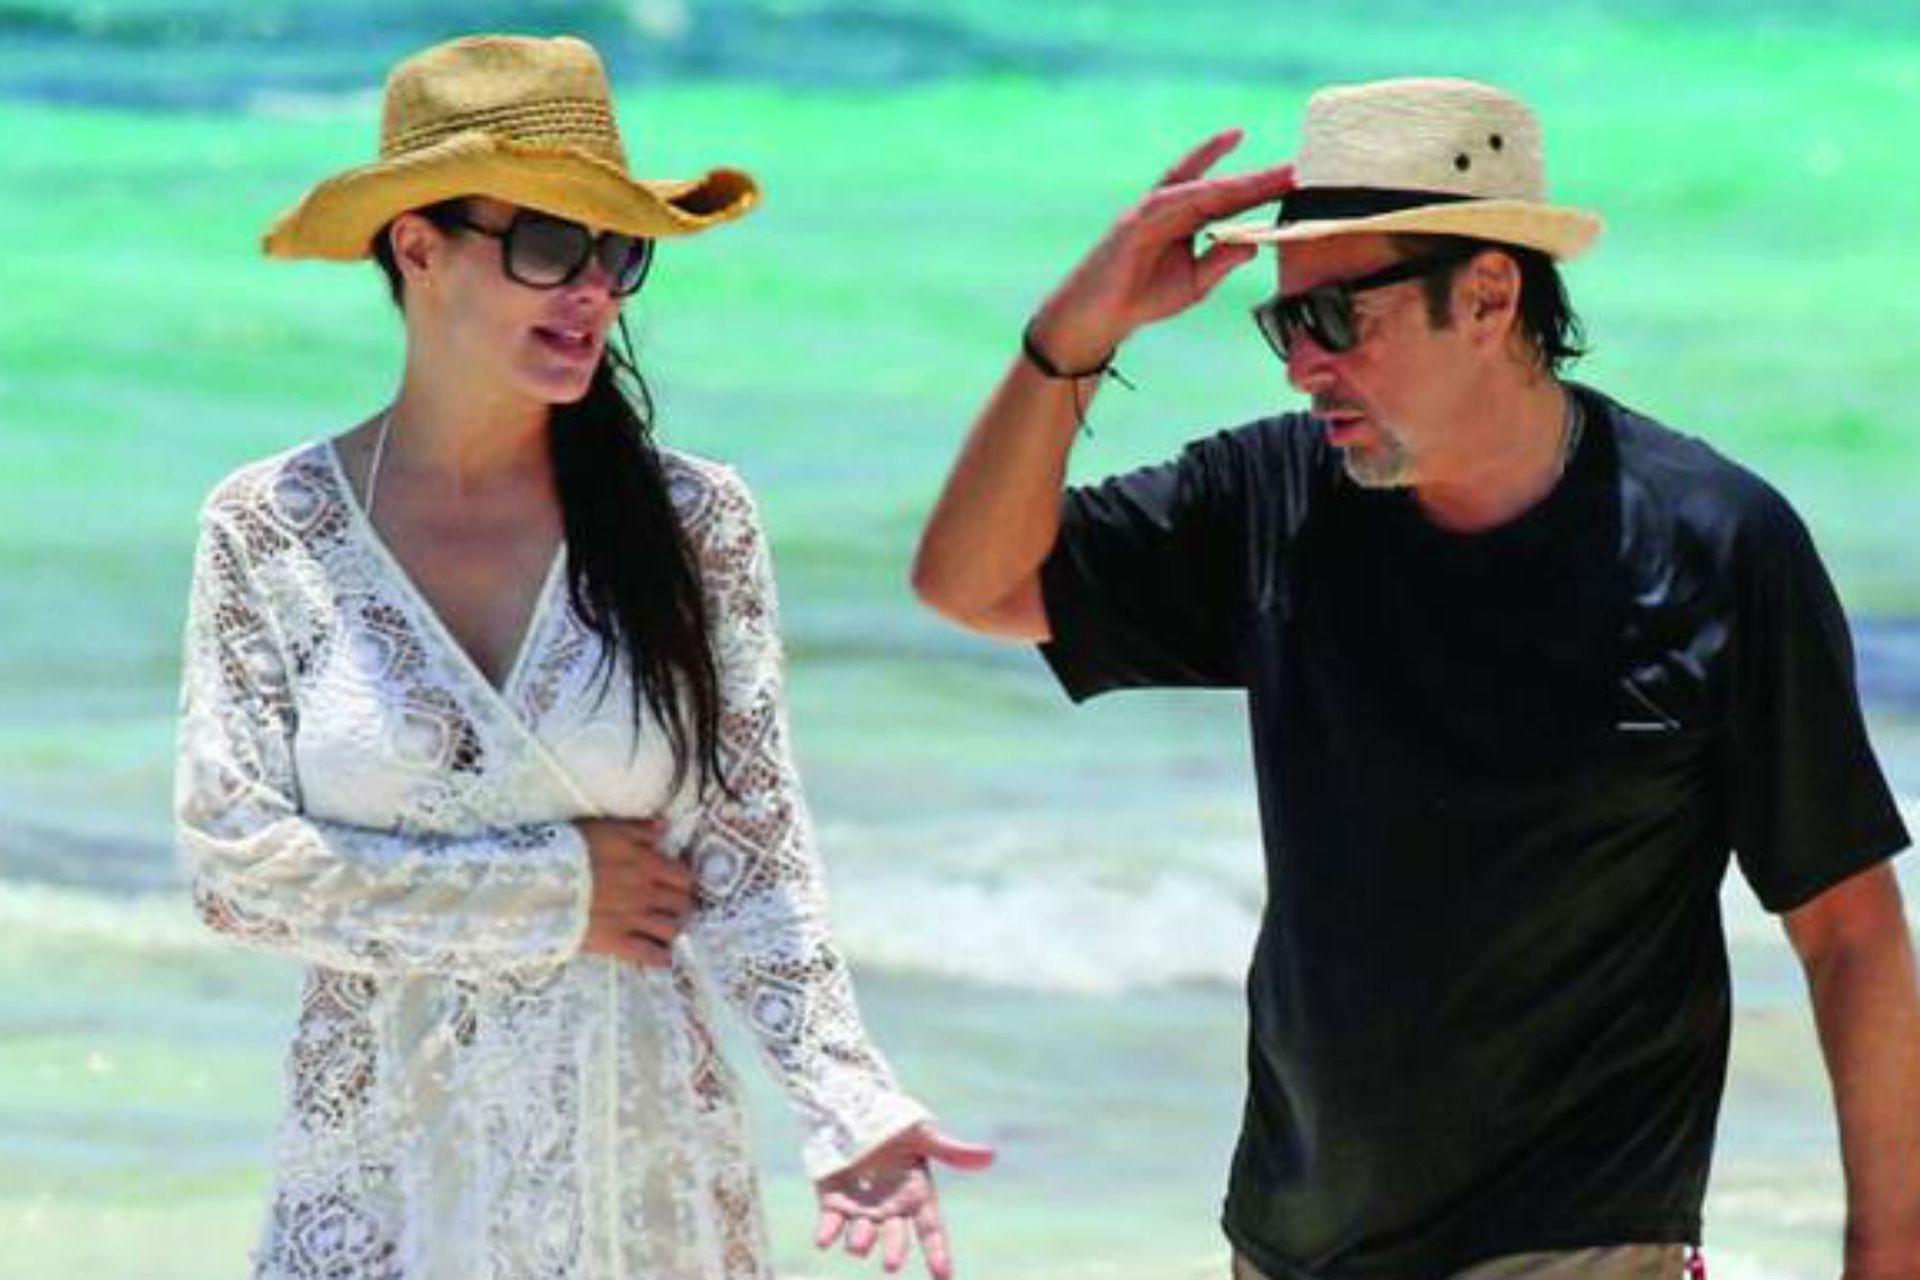 Al Pacino y la argentina Lucila Polak se conocieron en una fiesta, tuvieron una relación de más de una década y se separaron en 2018